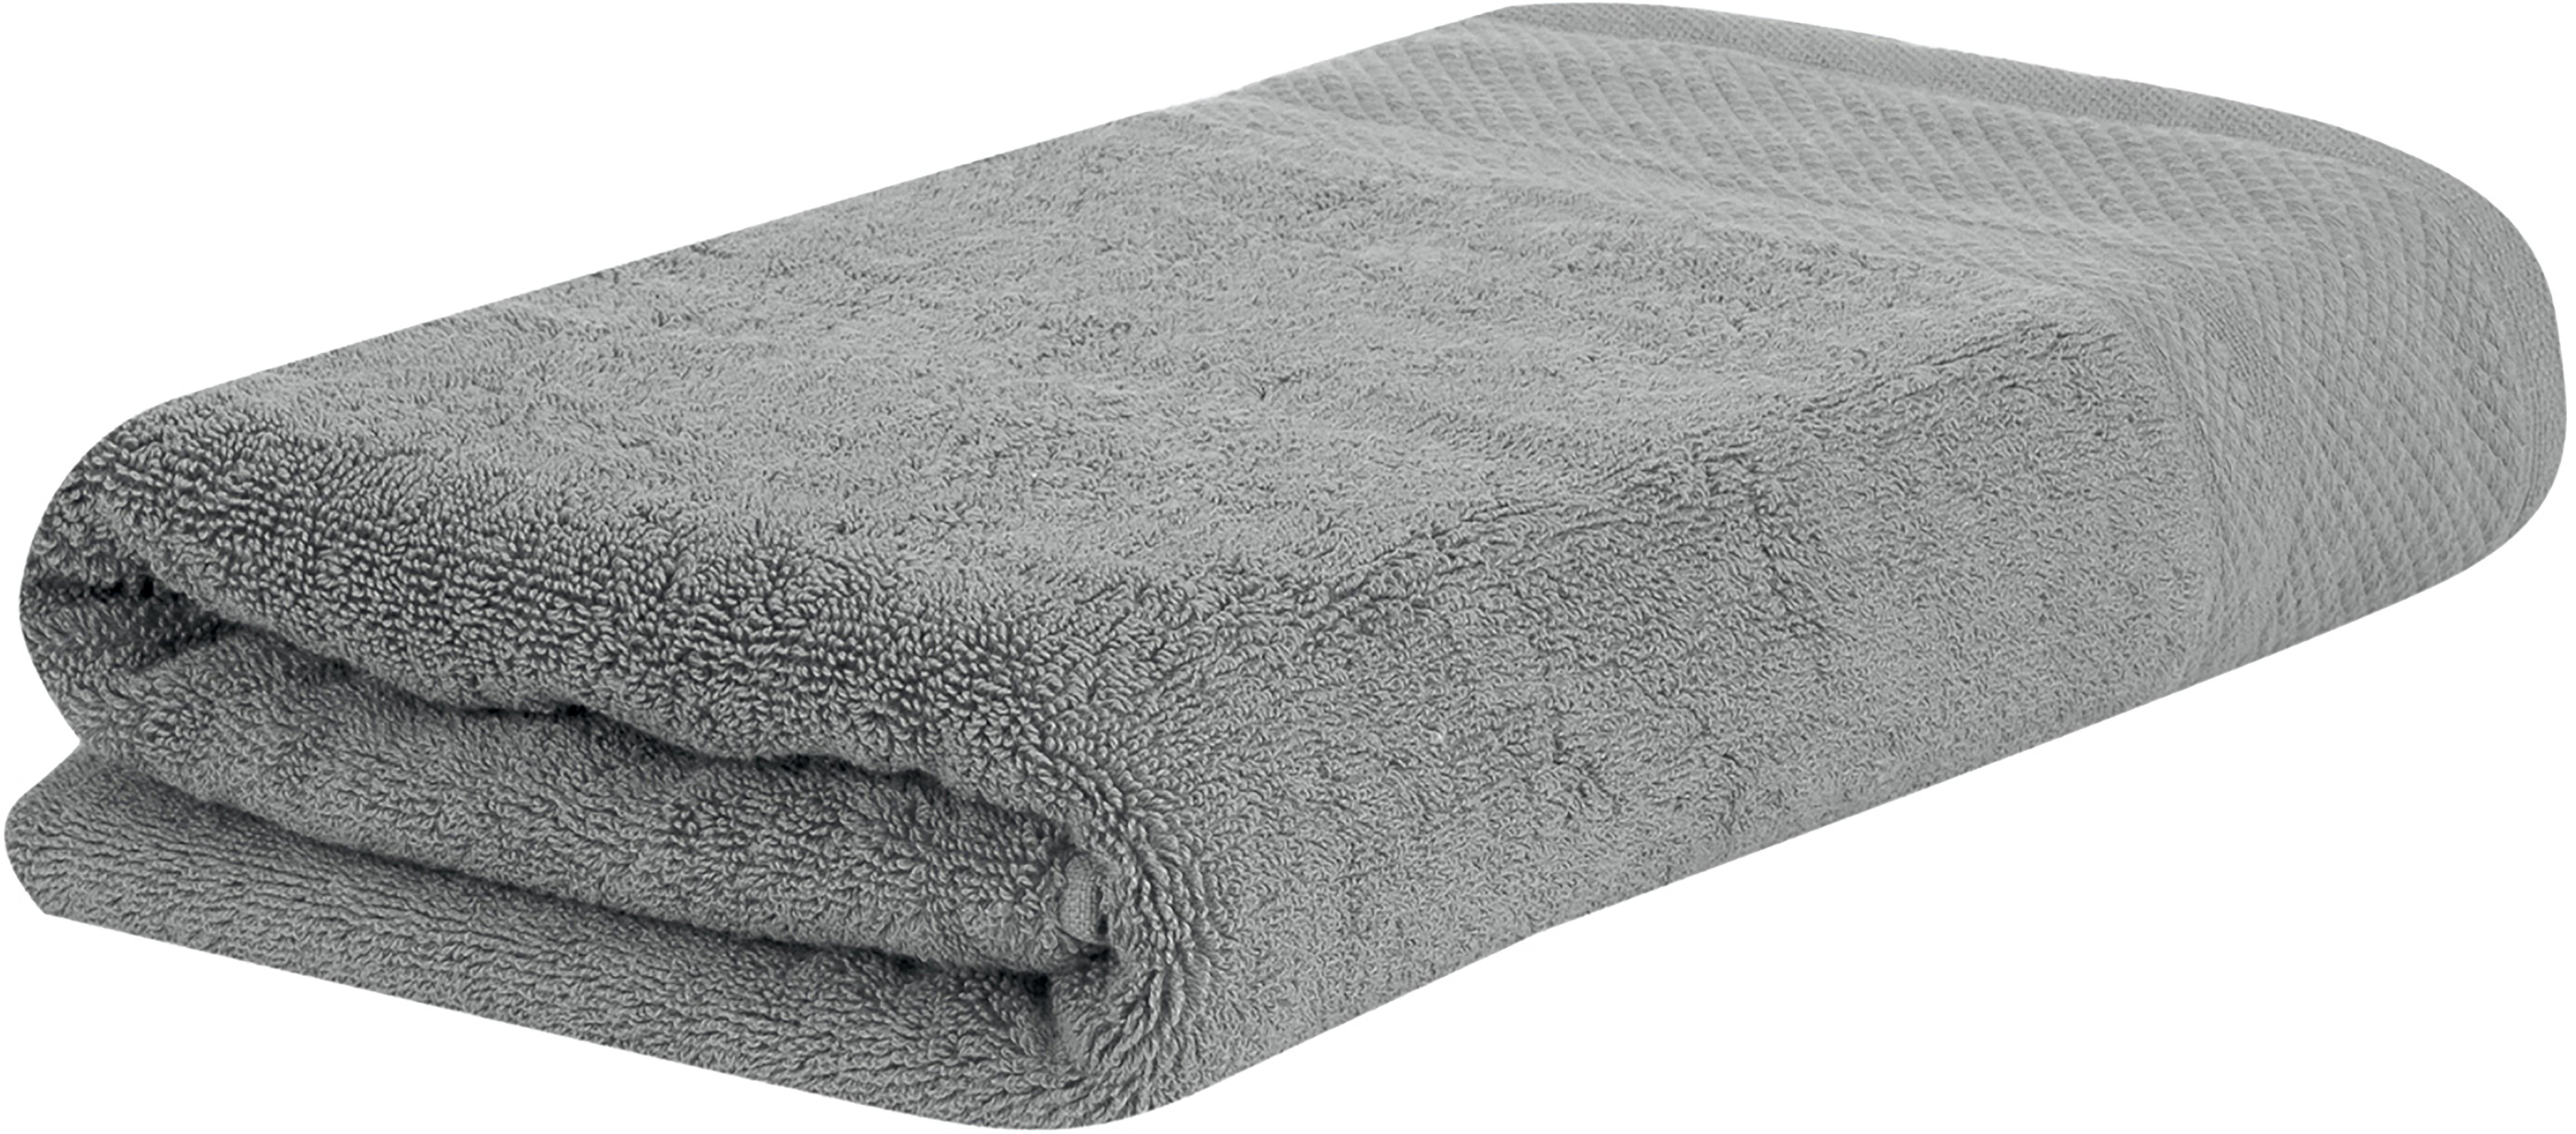 Toalla con cenefa clásica Premium, 100%algodón Gramaje superior 600g/m², Gris oscuro, Toallas de manos